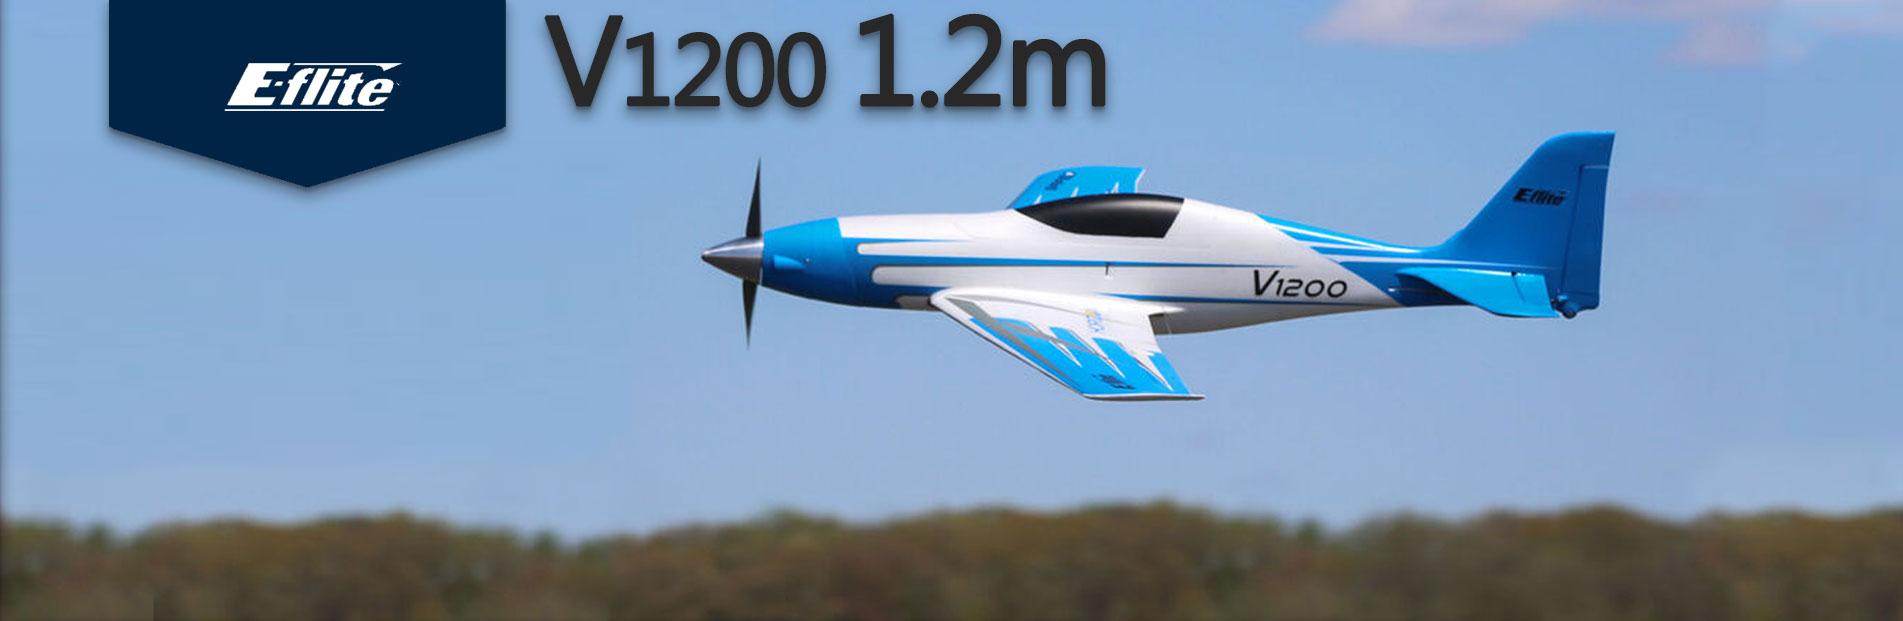 v1200 banner